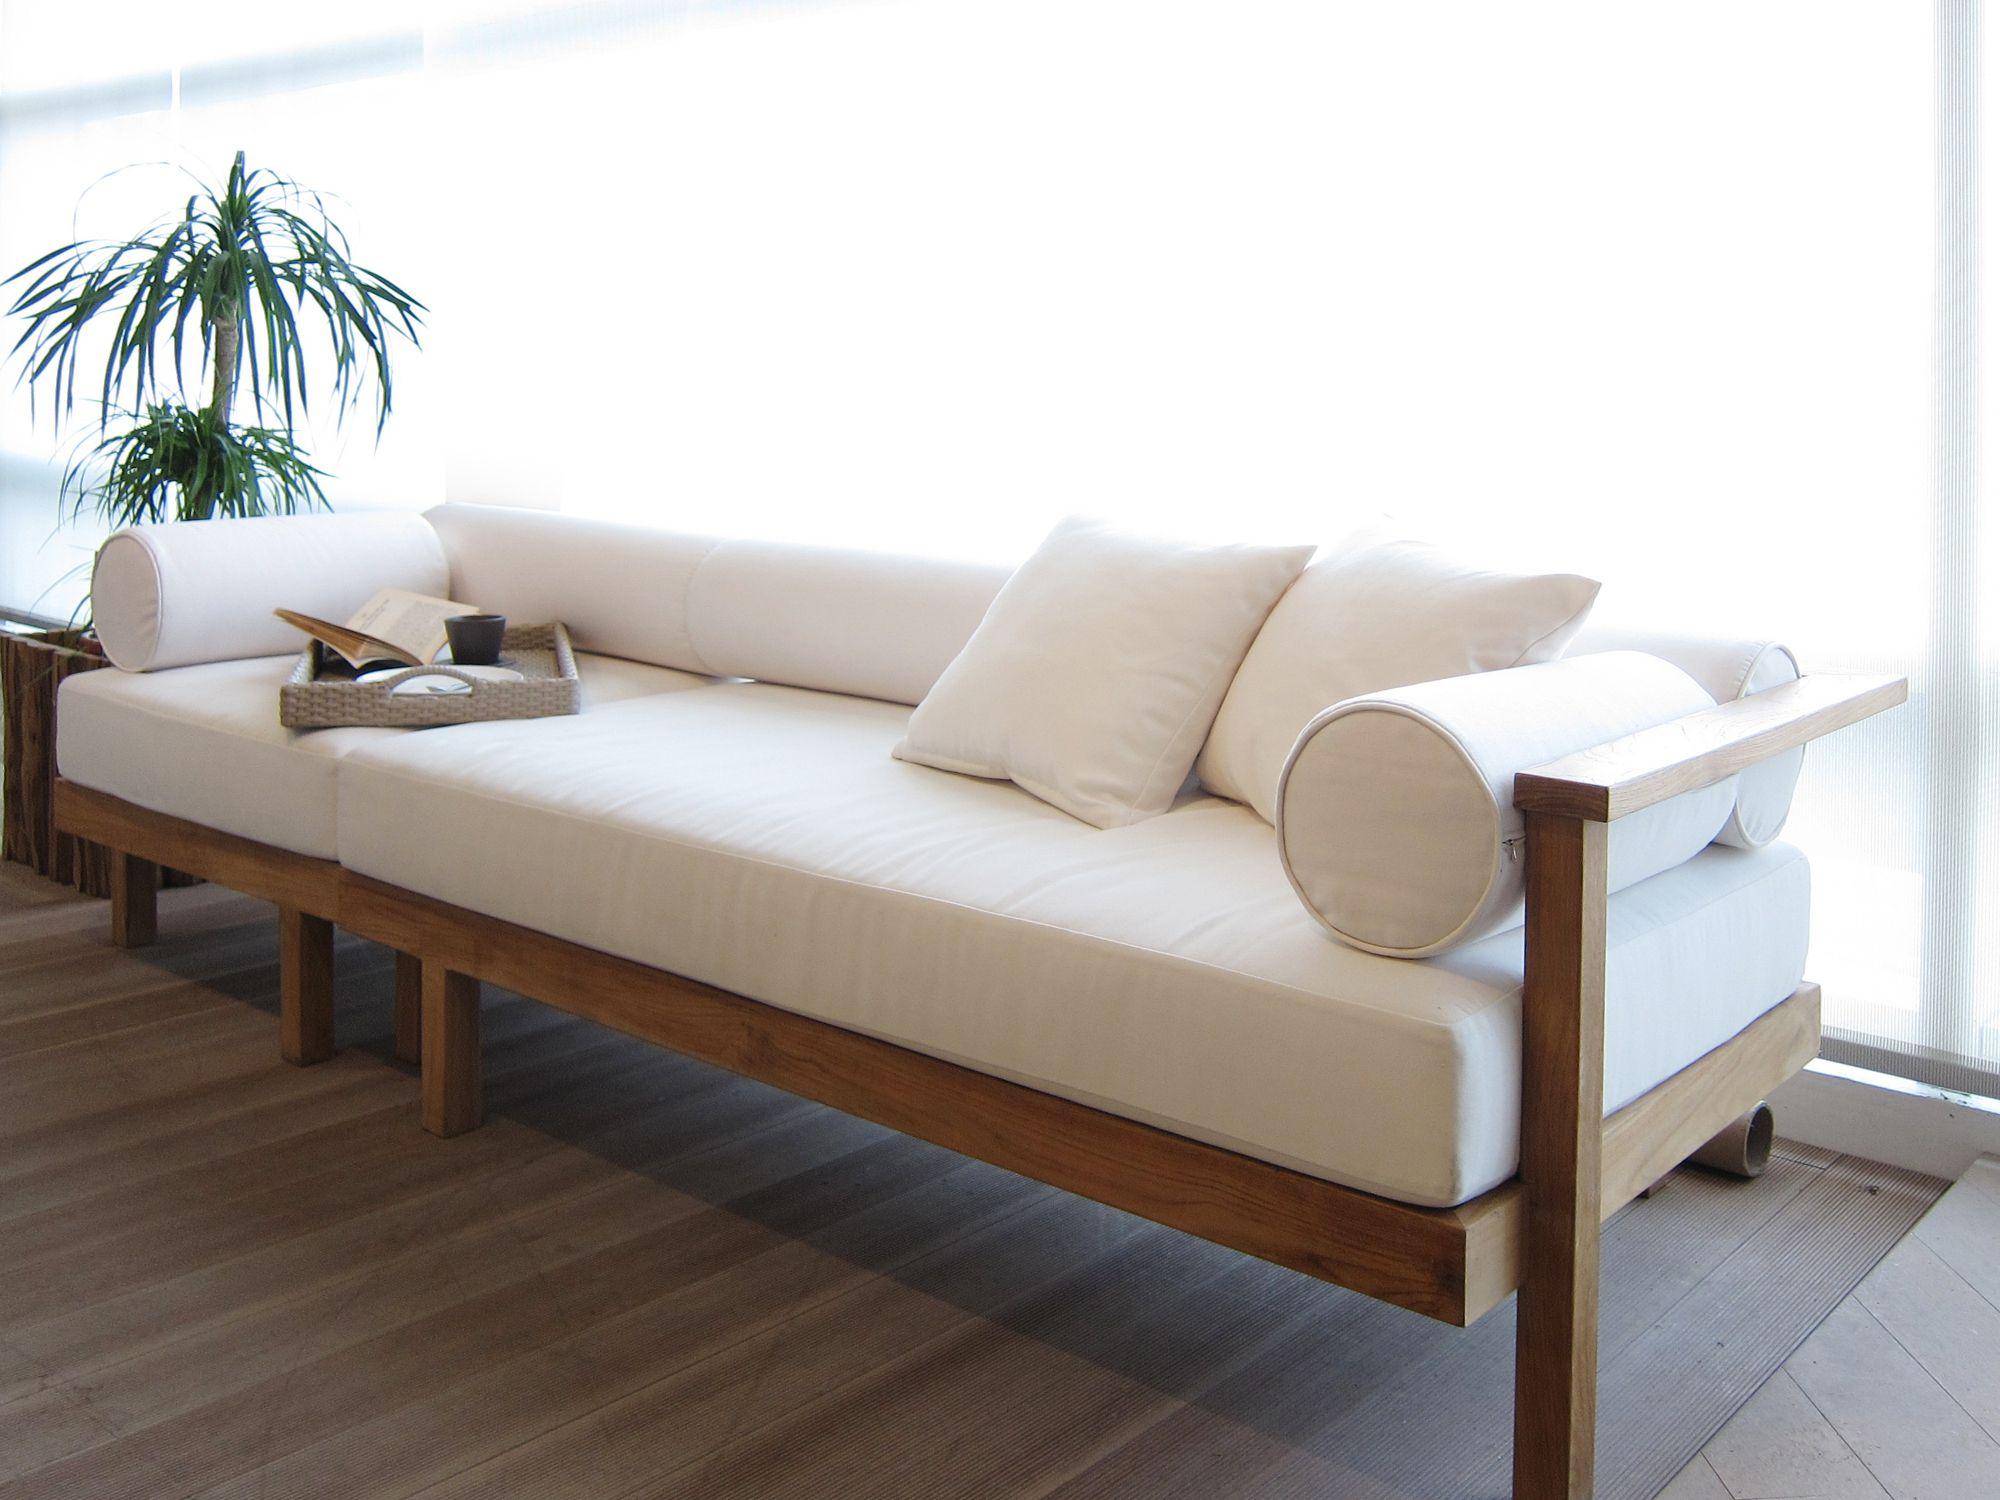 Kleine Couch Gallery Schlafsofa Fur Kleine Raume Lovely Sofa